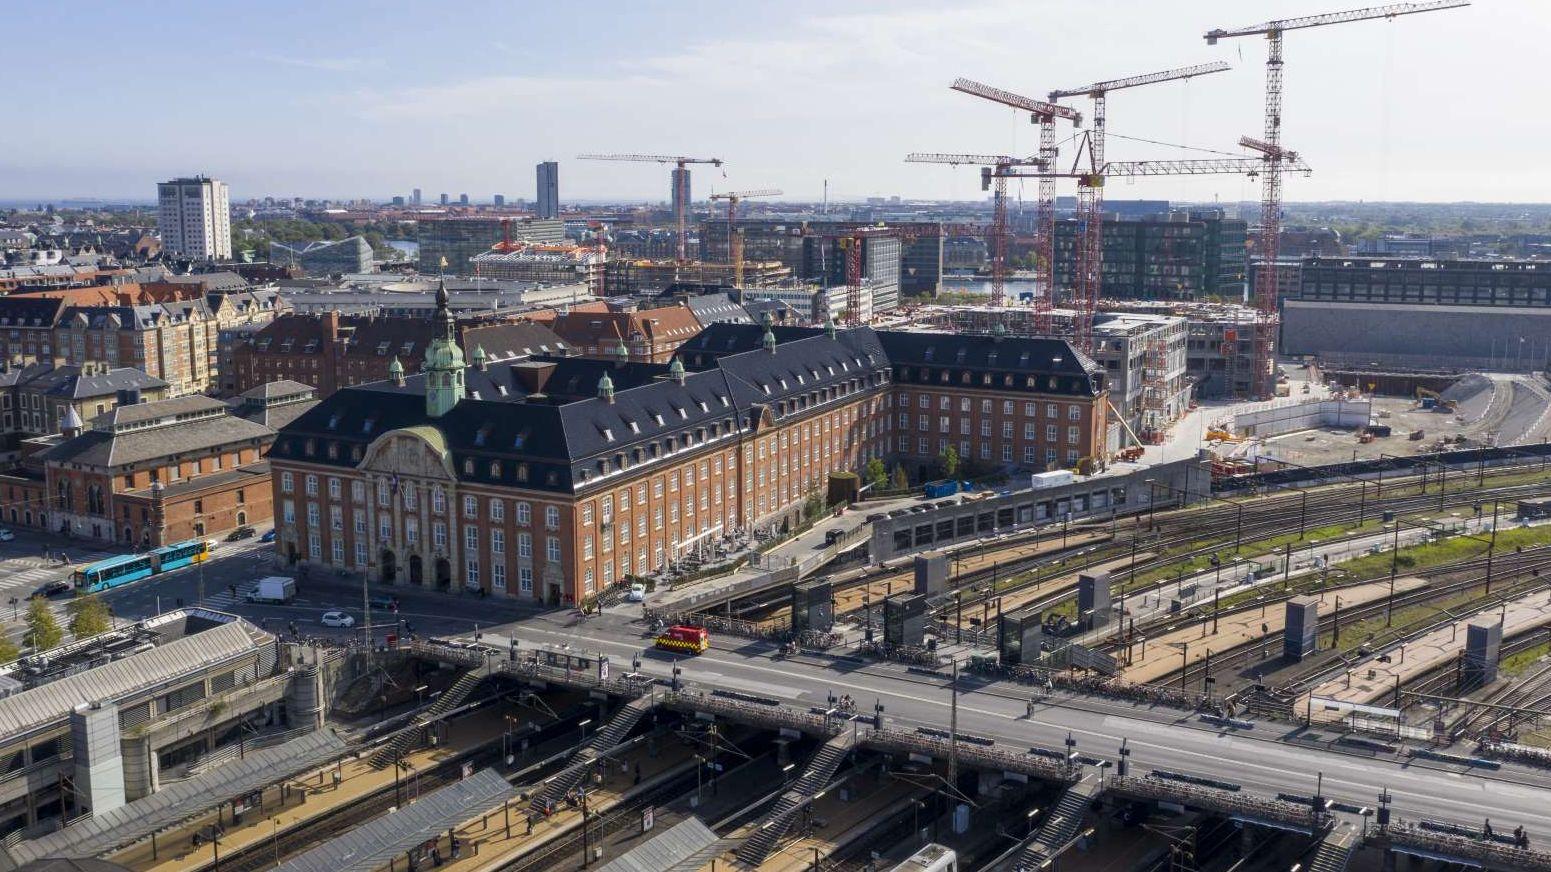 hotelimmobilie-des-jahres-villa-copenhagen-alte-post-neu-belebt